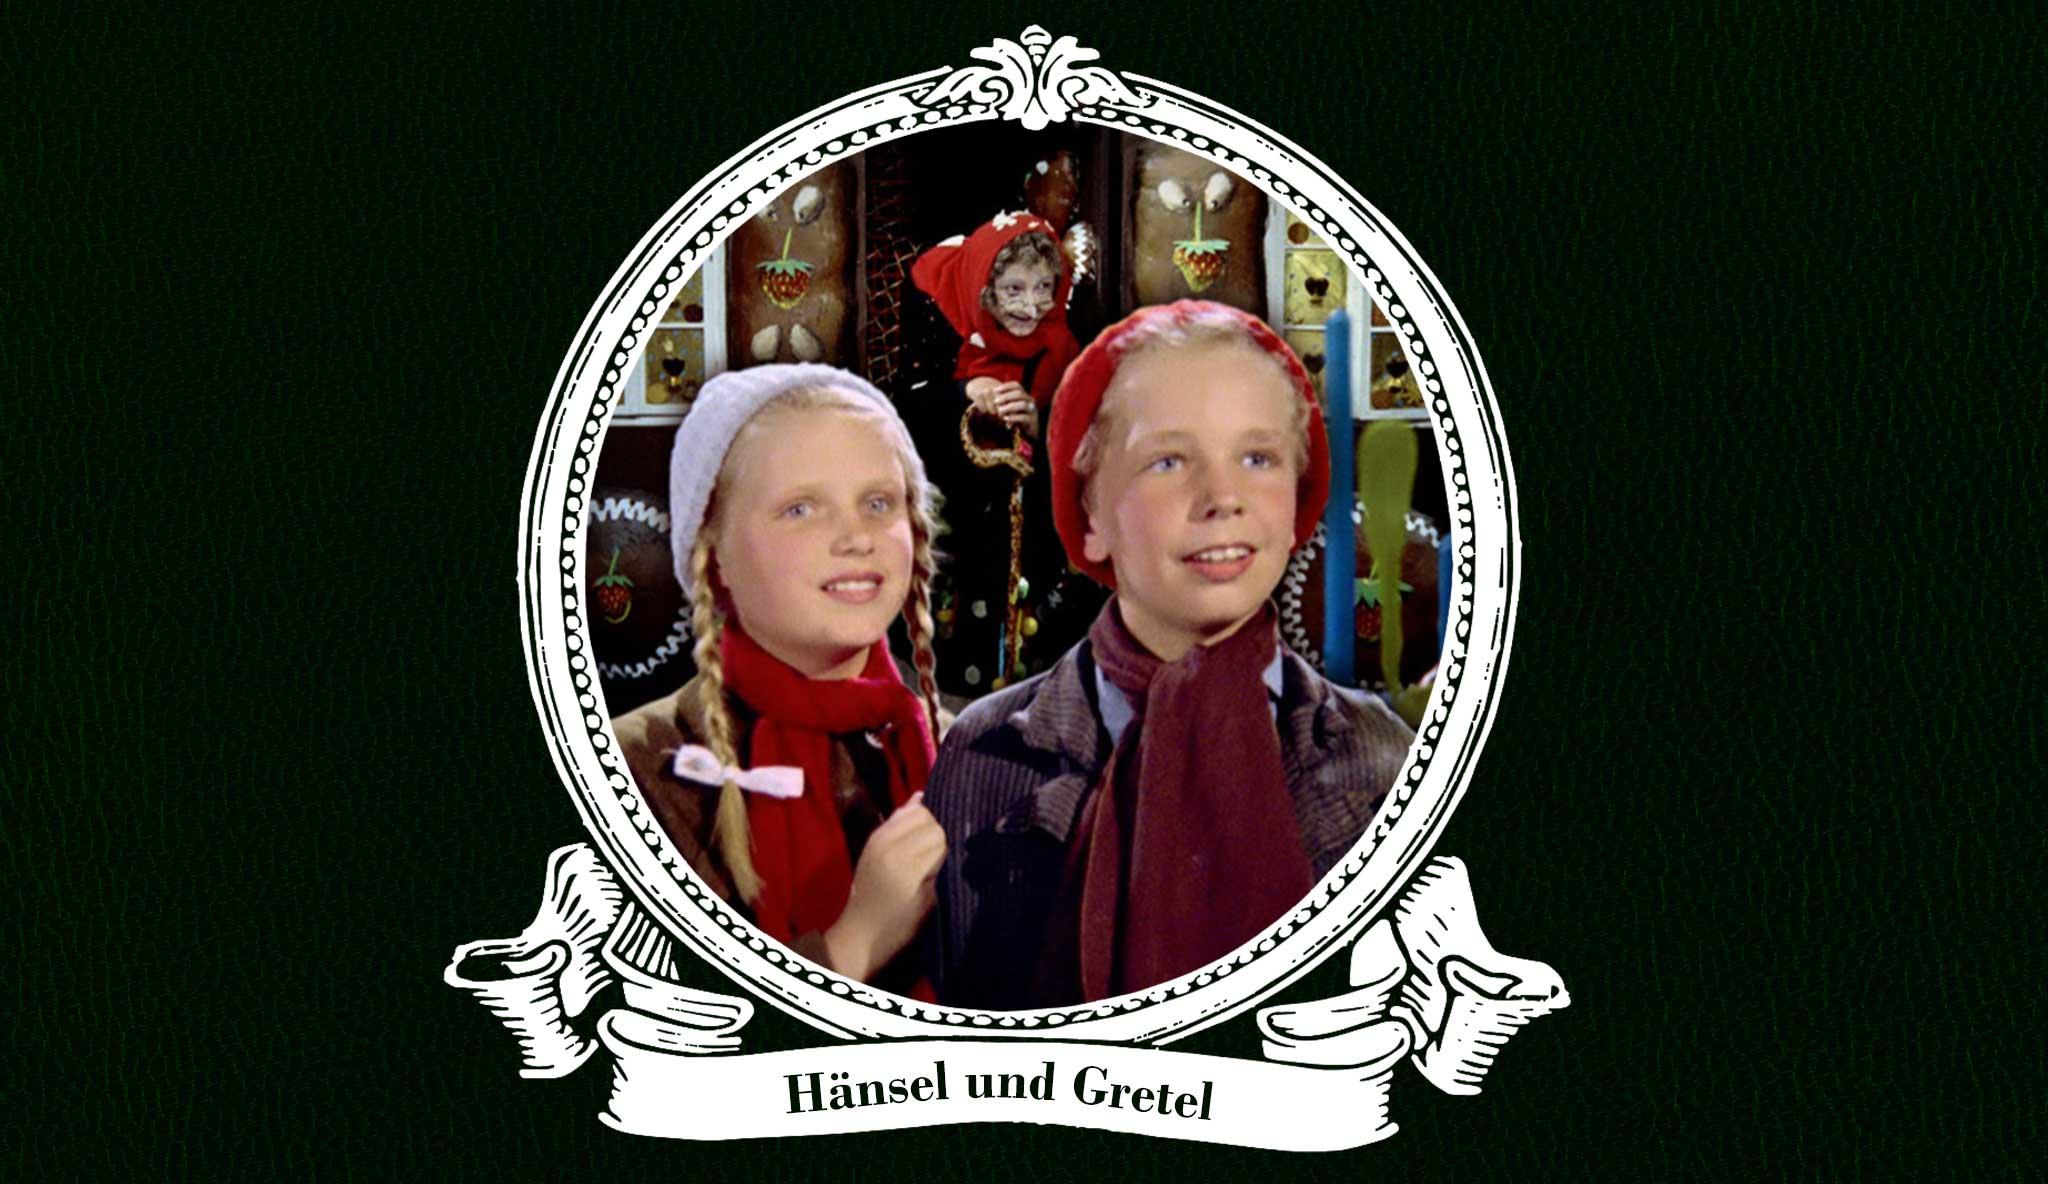 hansel-und-gretel-2\header.jpg